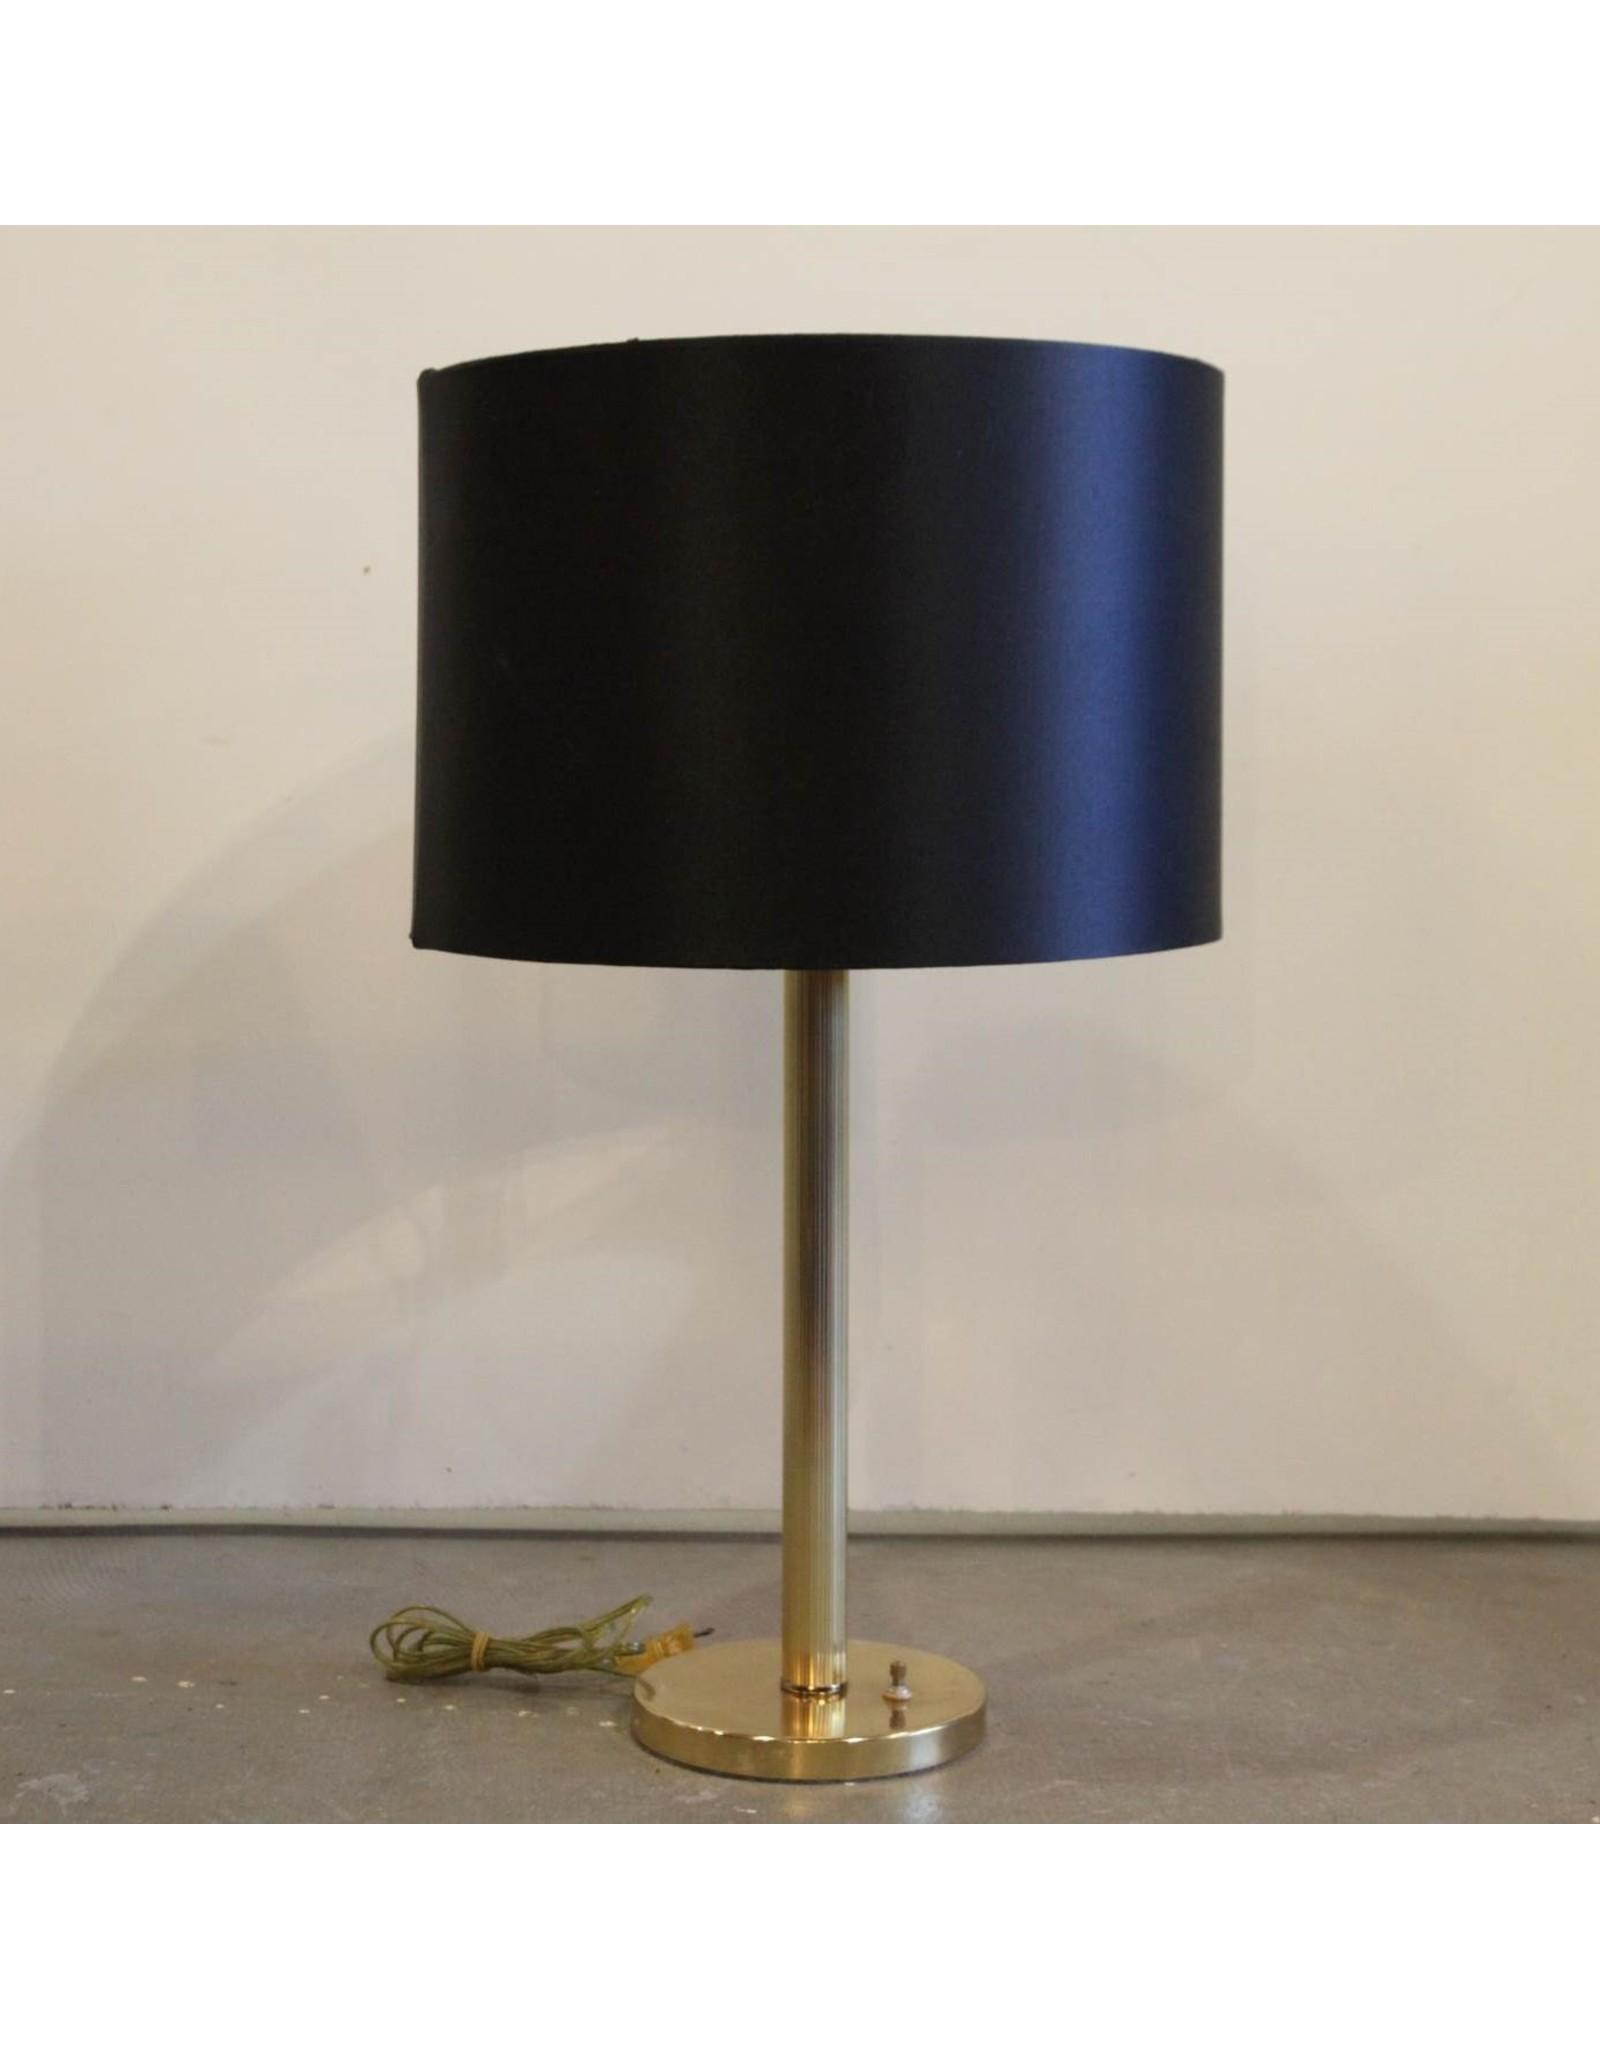 Lamp - table lamp, gold base, black shade